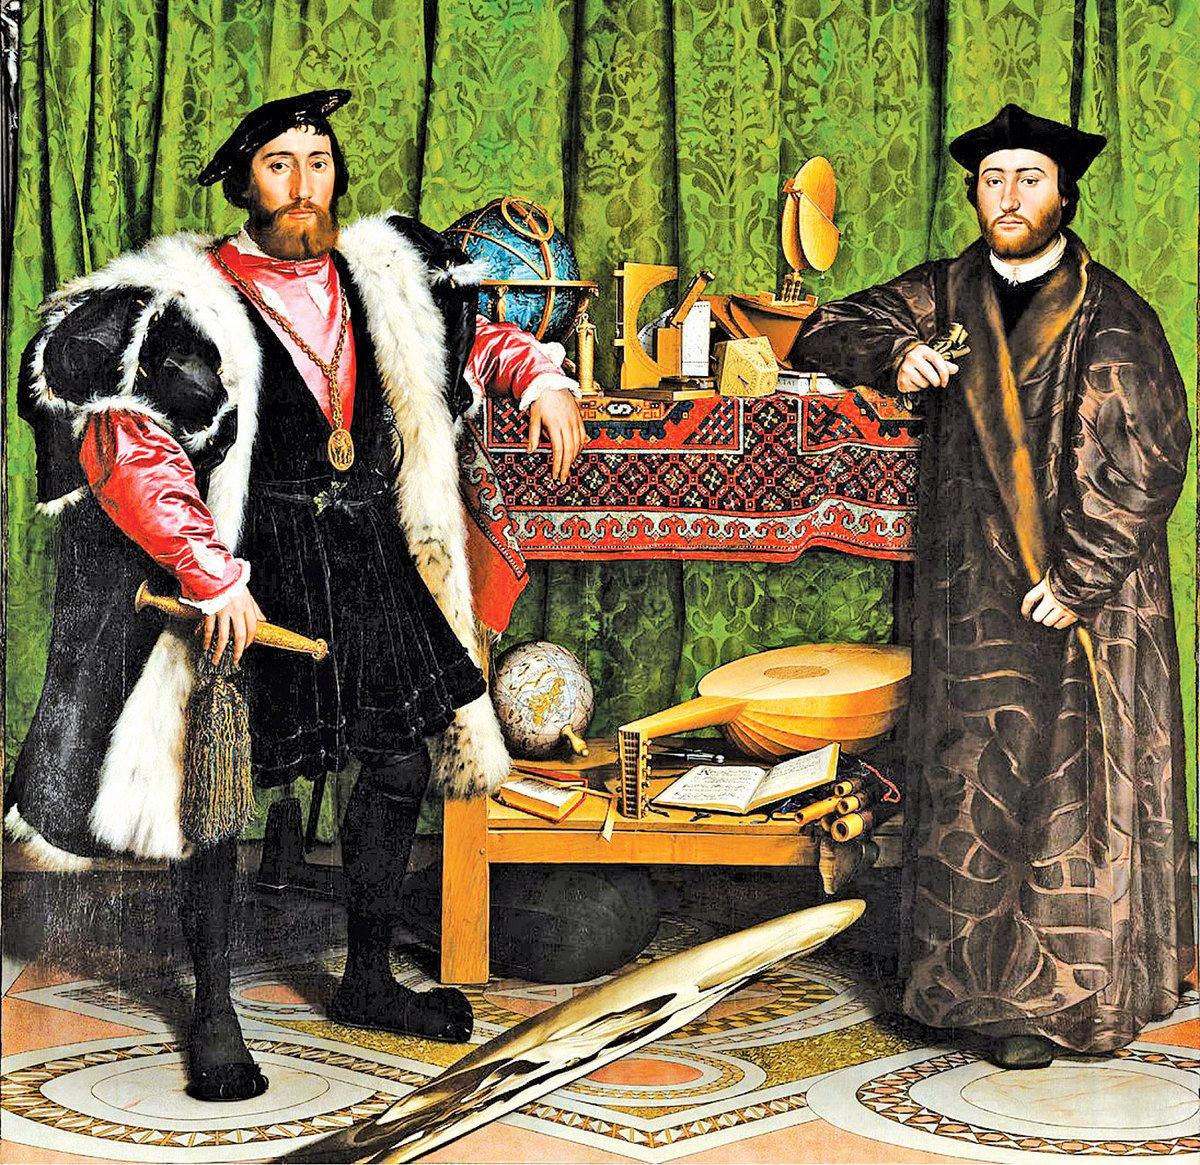 小漢斯·霍爾拜因,《使節》(The Ambassadors),作於公元 1533 年,油彩、橡木, 207 x 209.5 cm,英國倫敦國家畫廊藏。